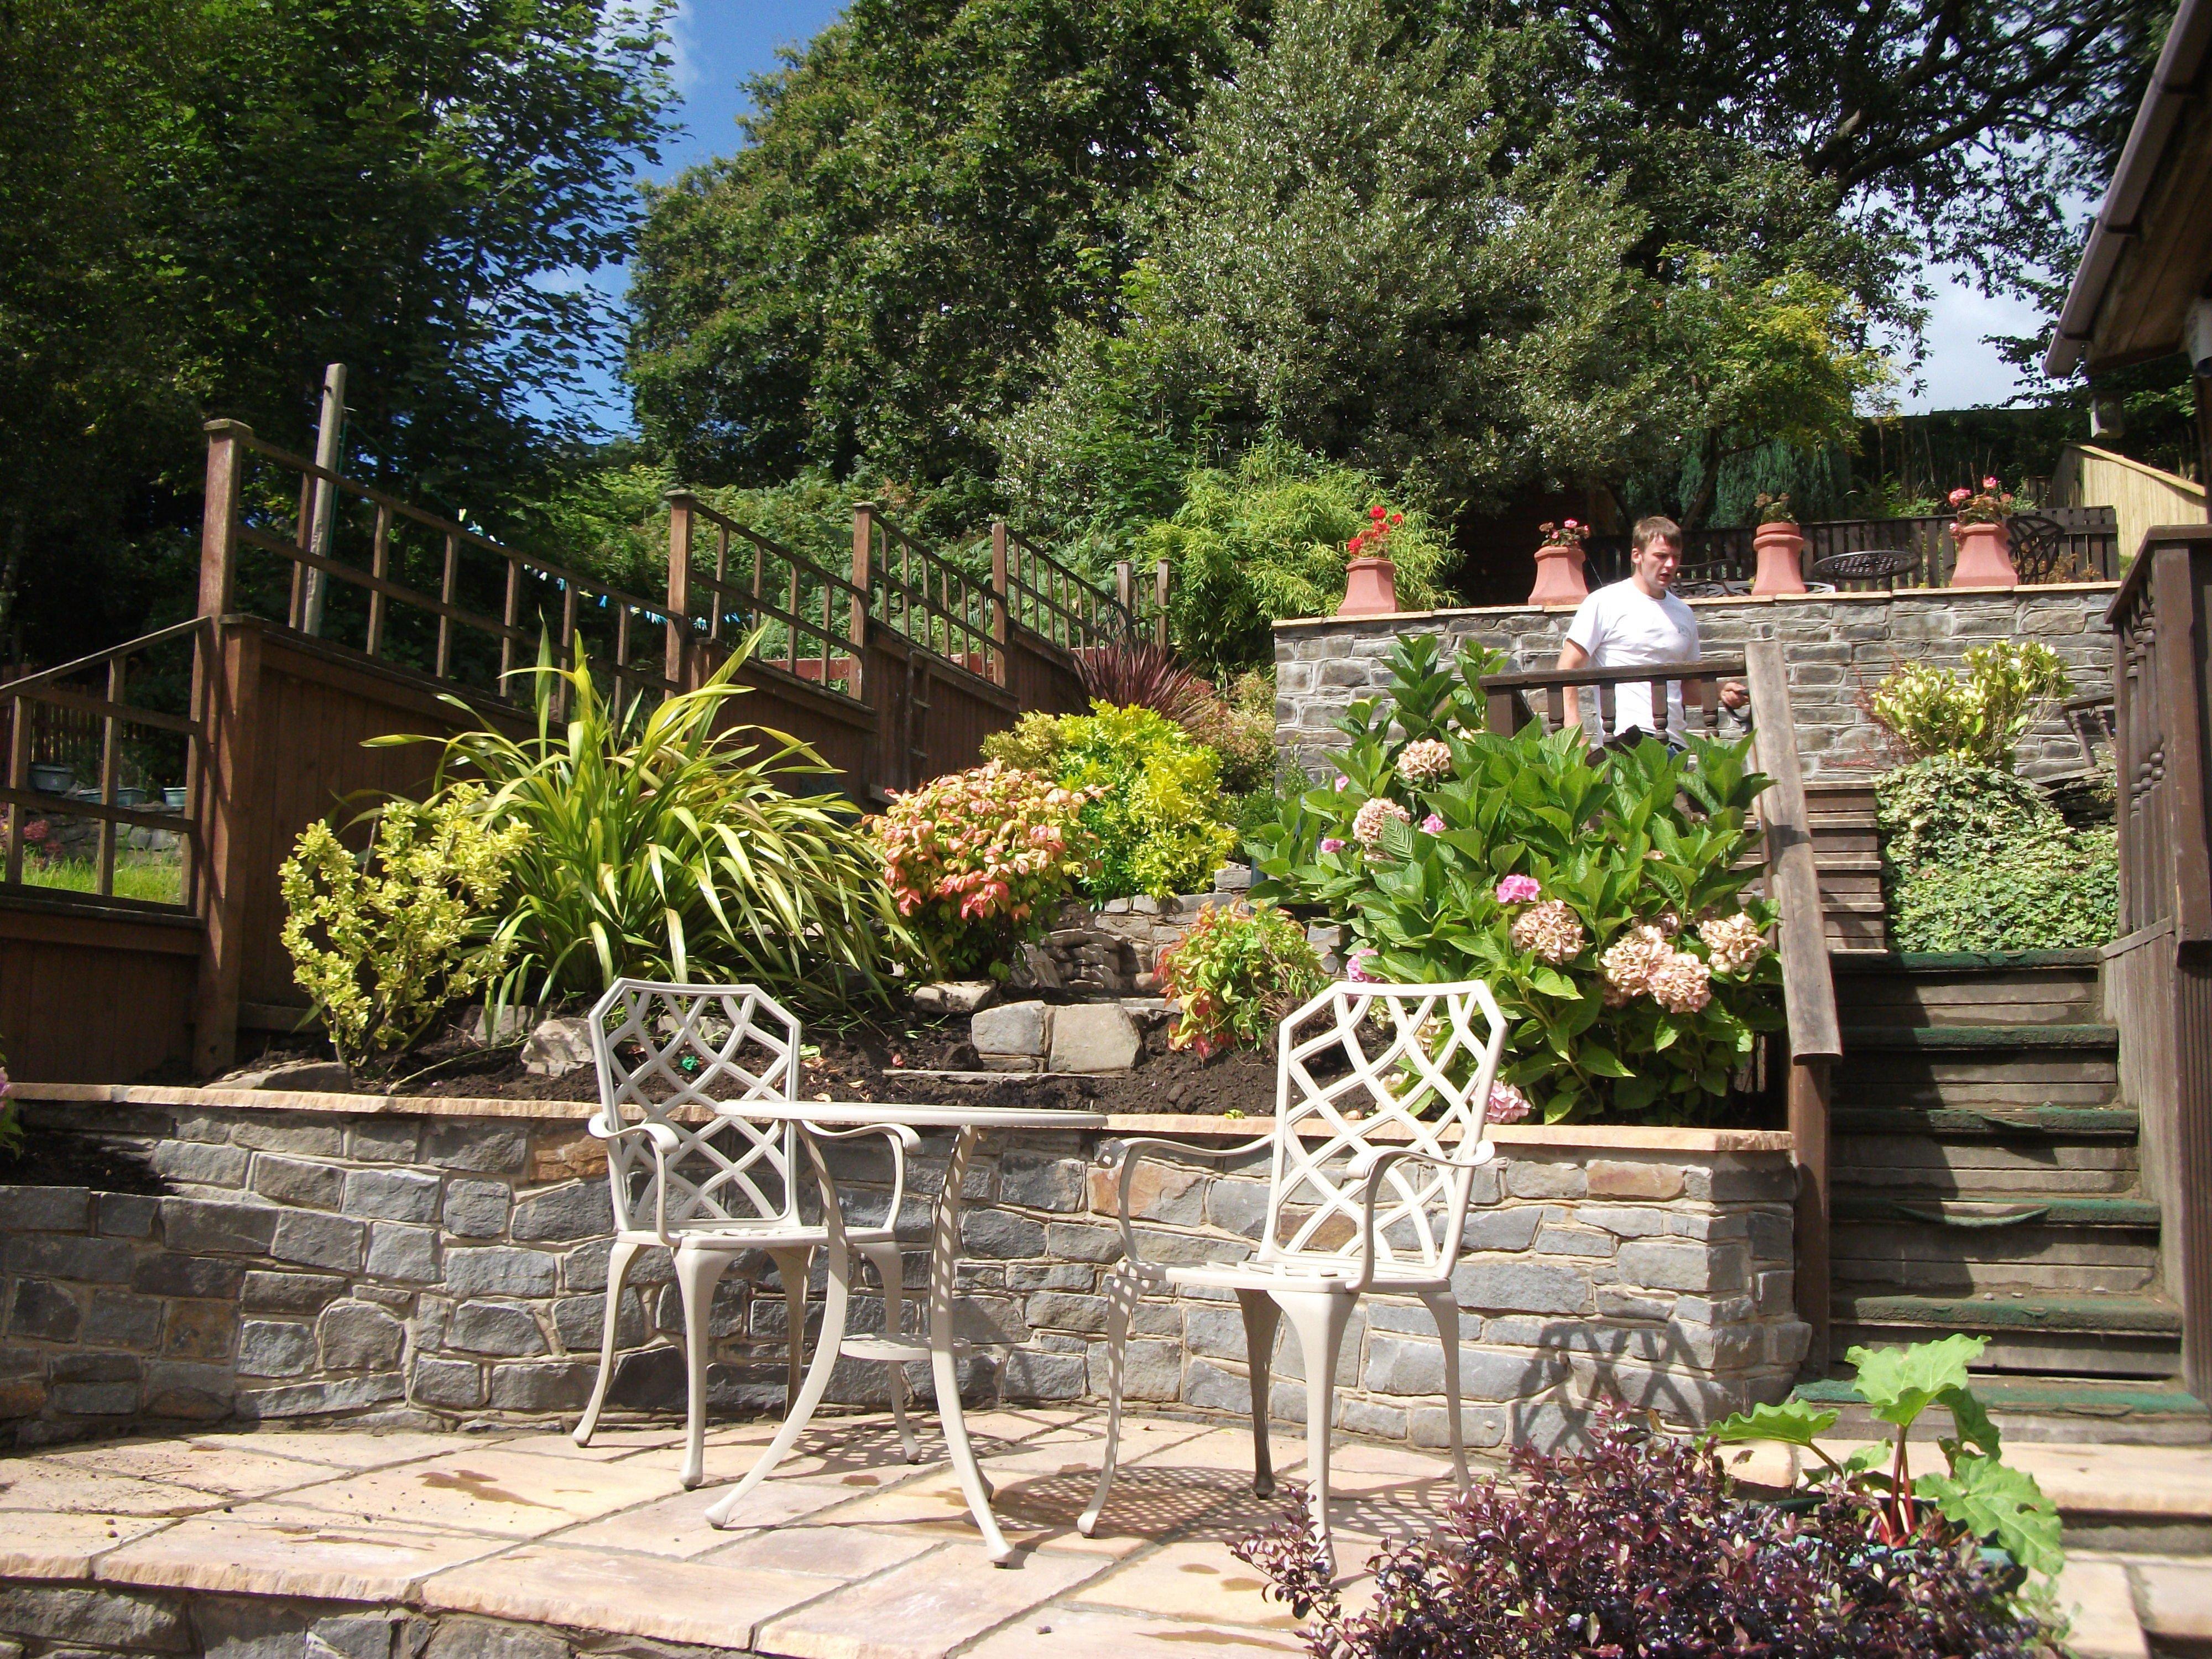 Landscape Garden Design Swansea : Gardening projects from jrt landscapes in swansea